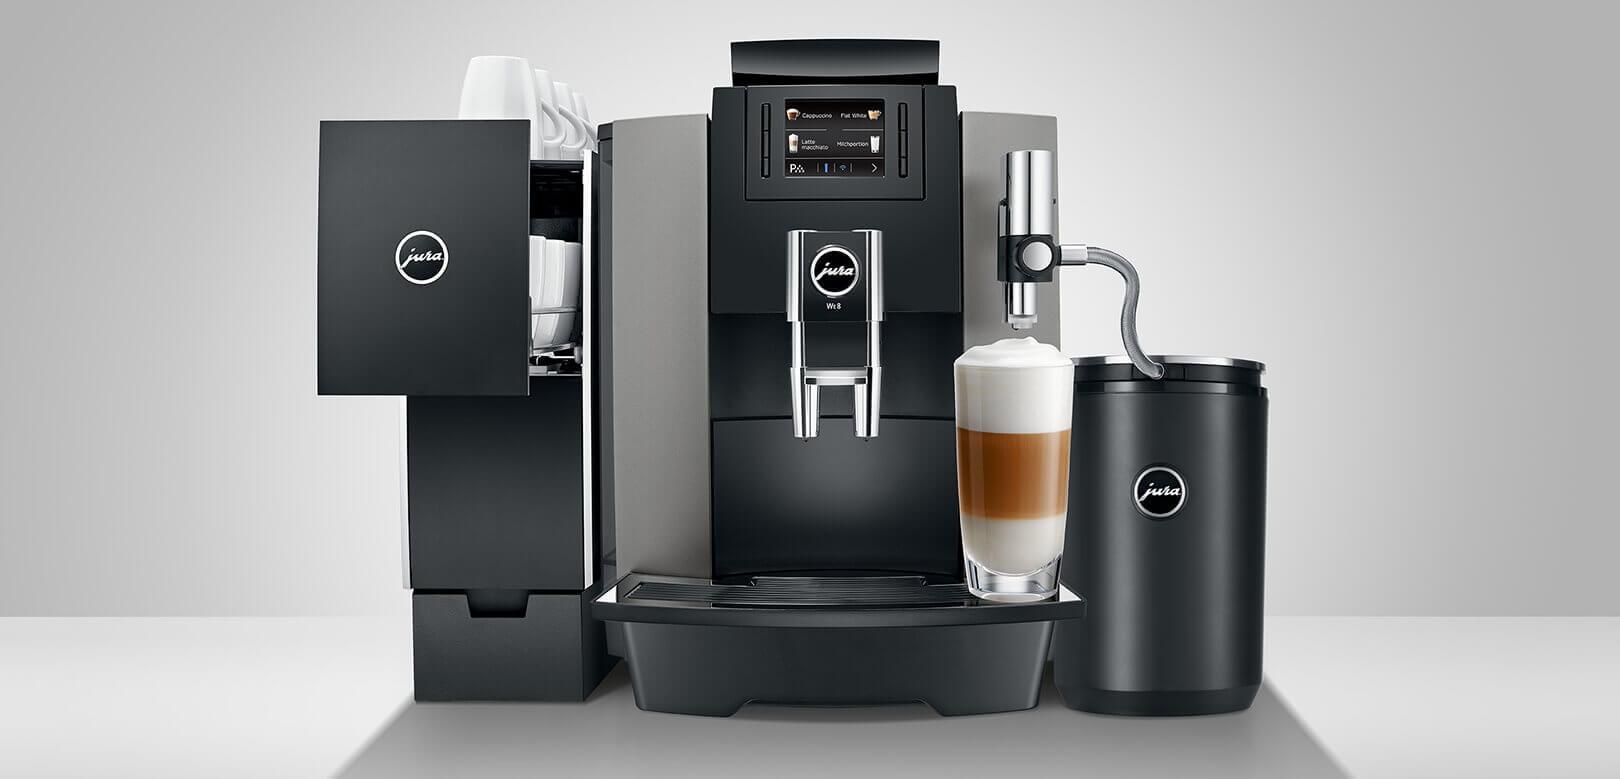 Купить кофемашину Jura